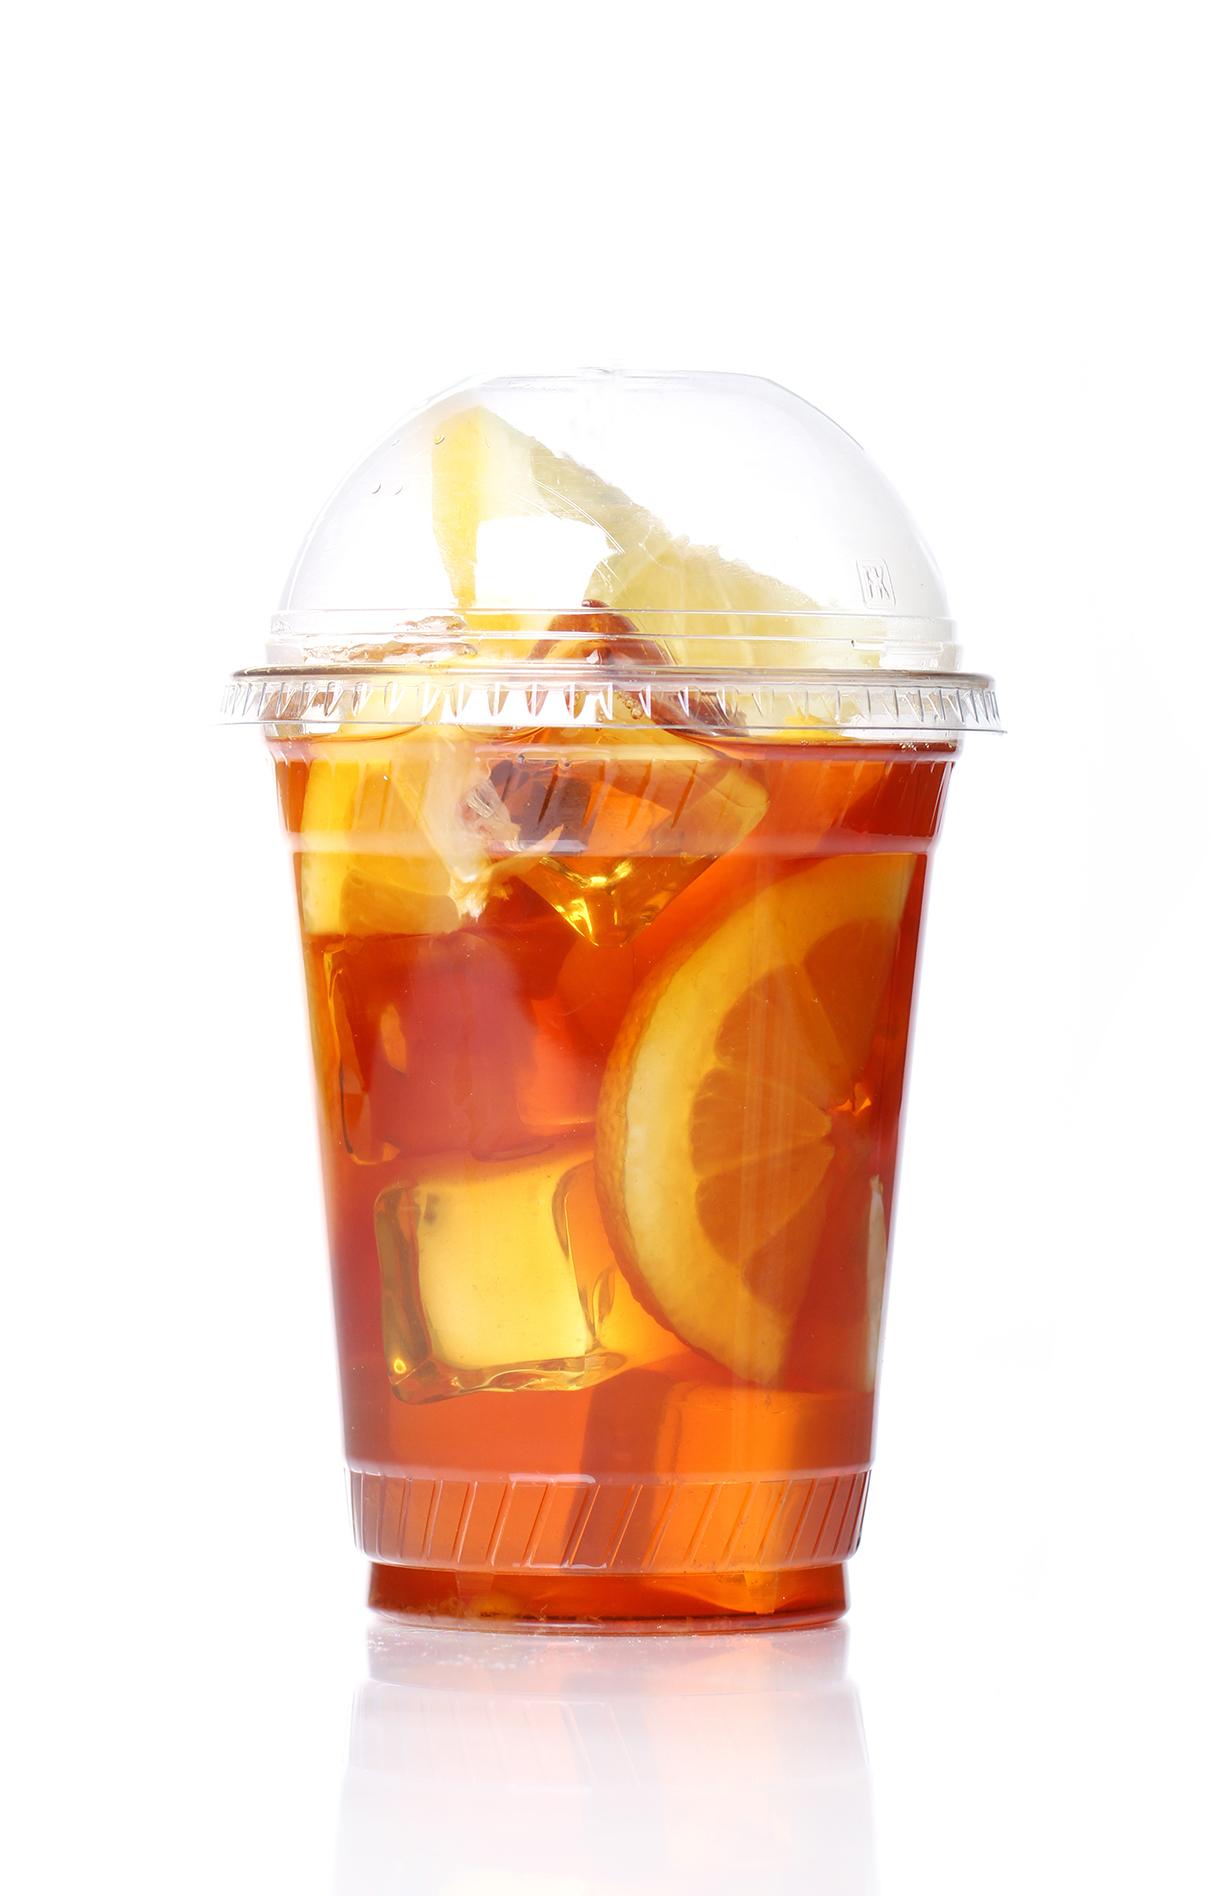 Leaf tea and instant tea blends